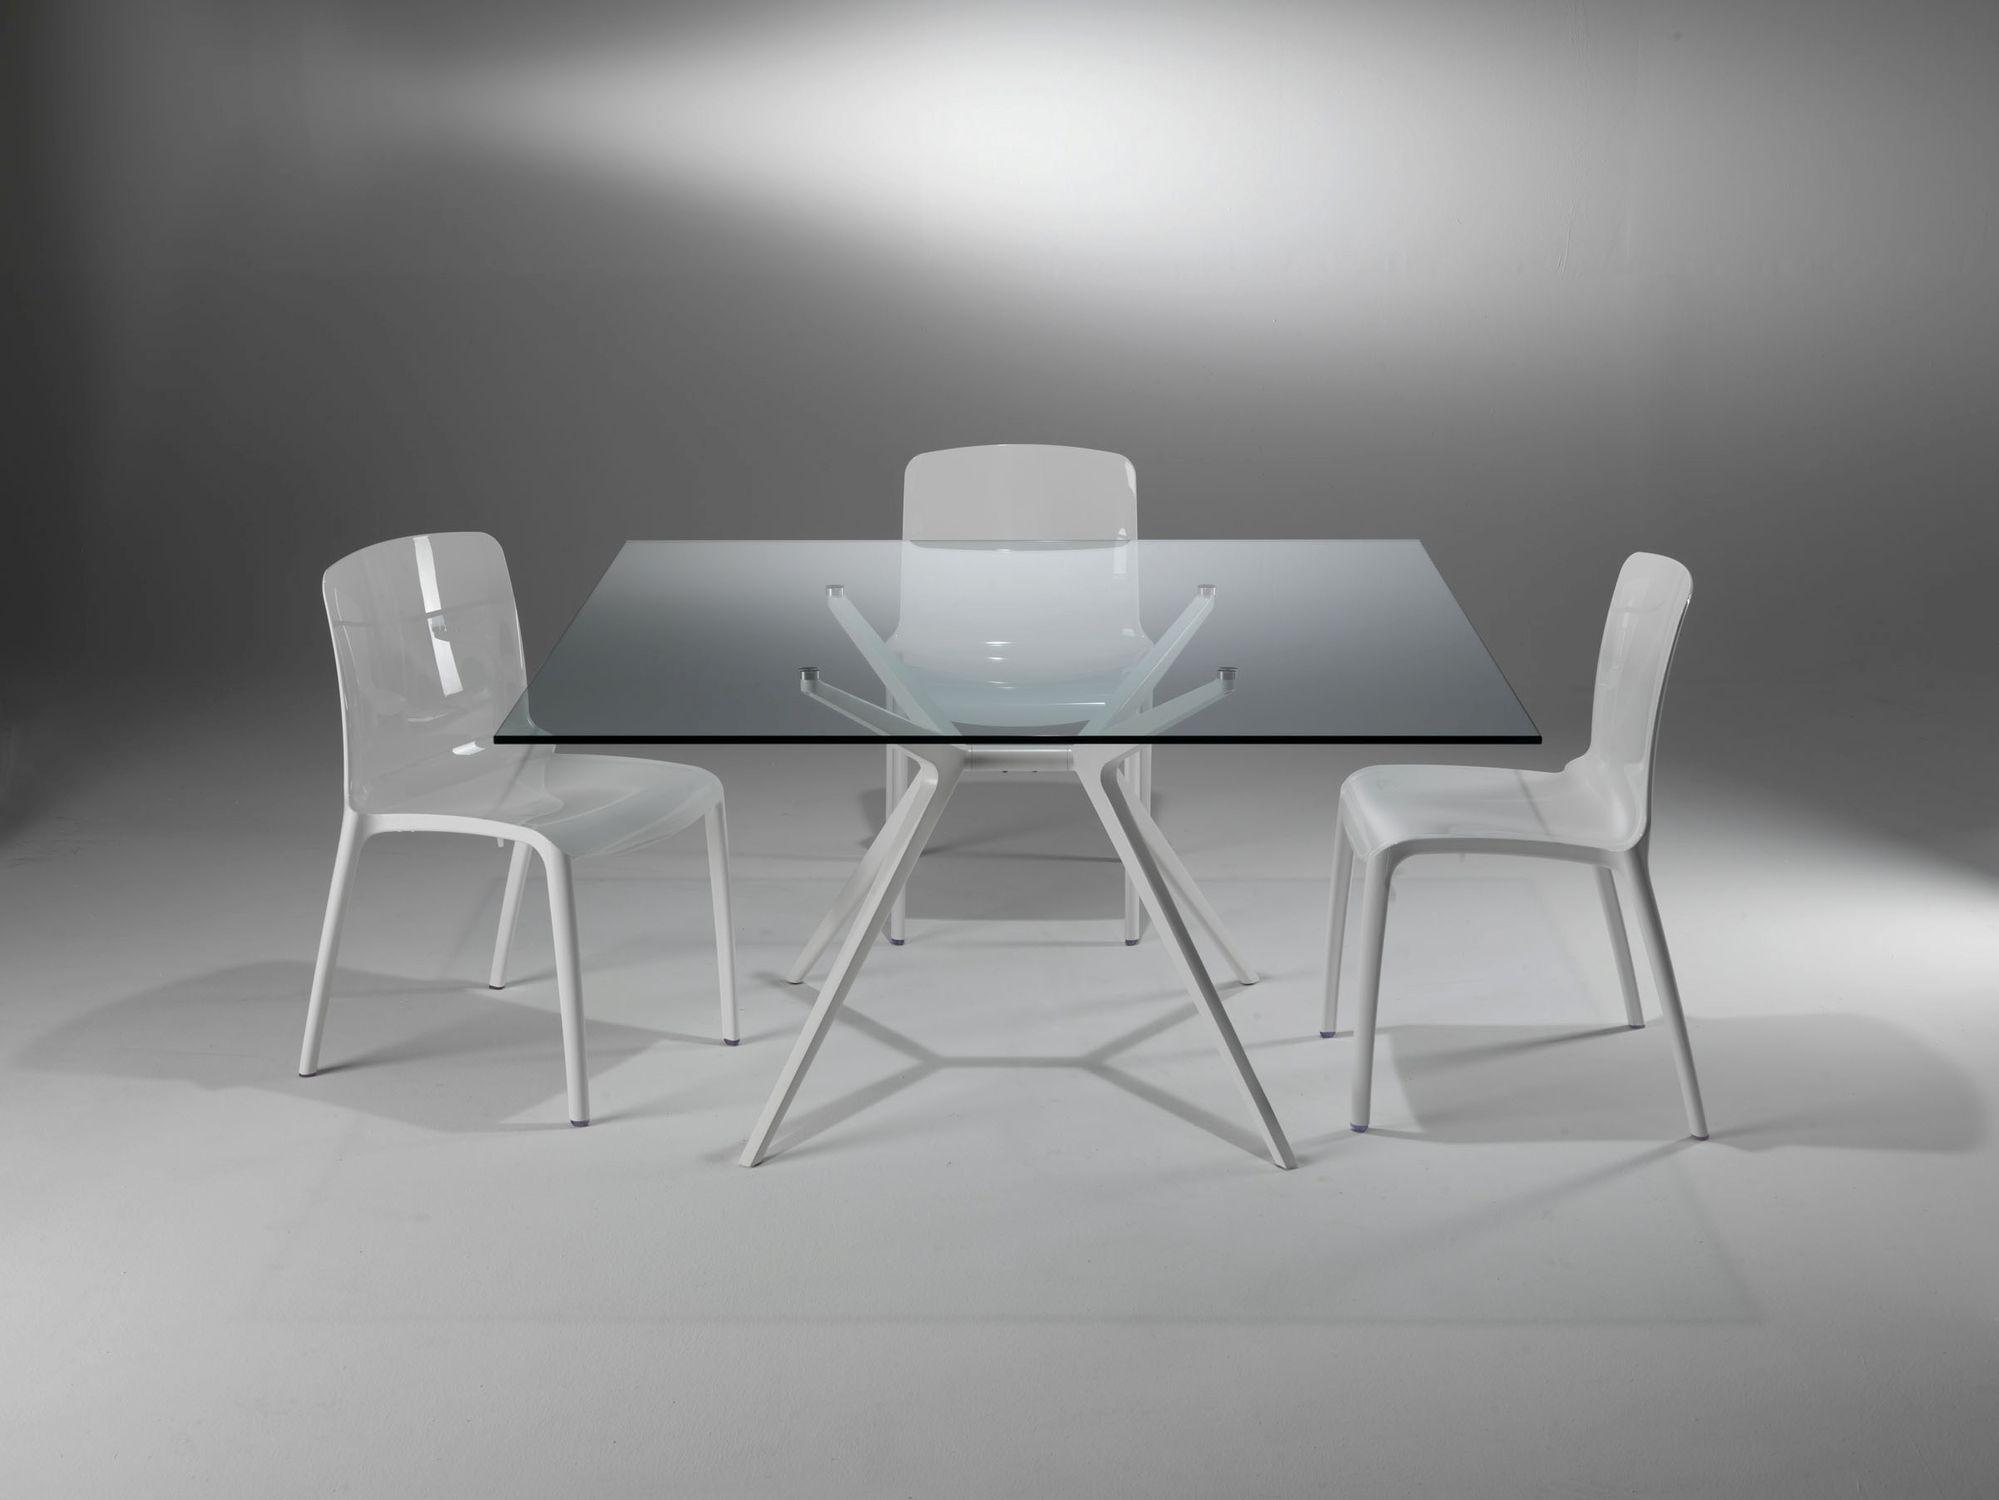 Tavolo Industriale Quadrato : Tavolo moderno in vetro rettangolare quadrato ex by jorge